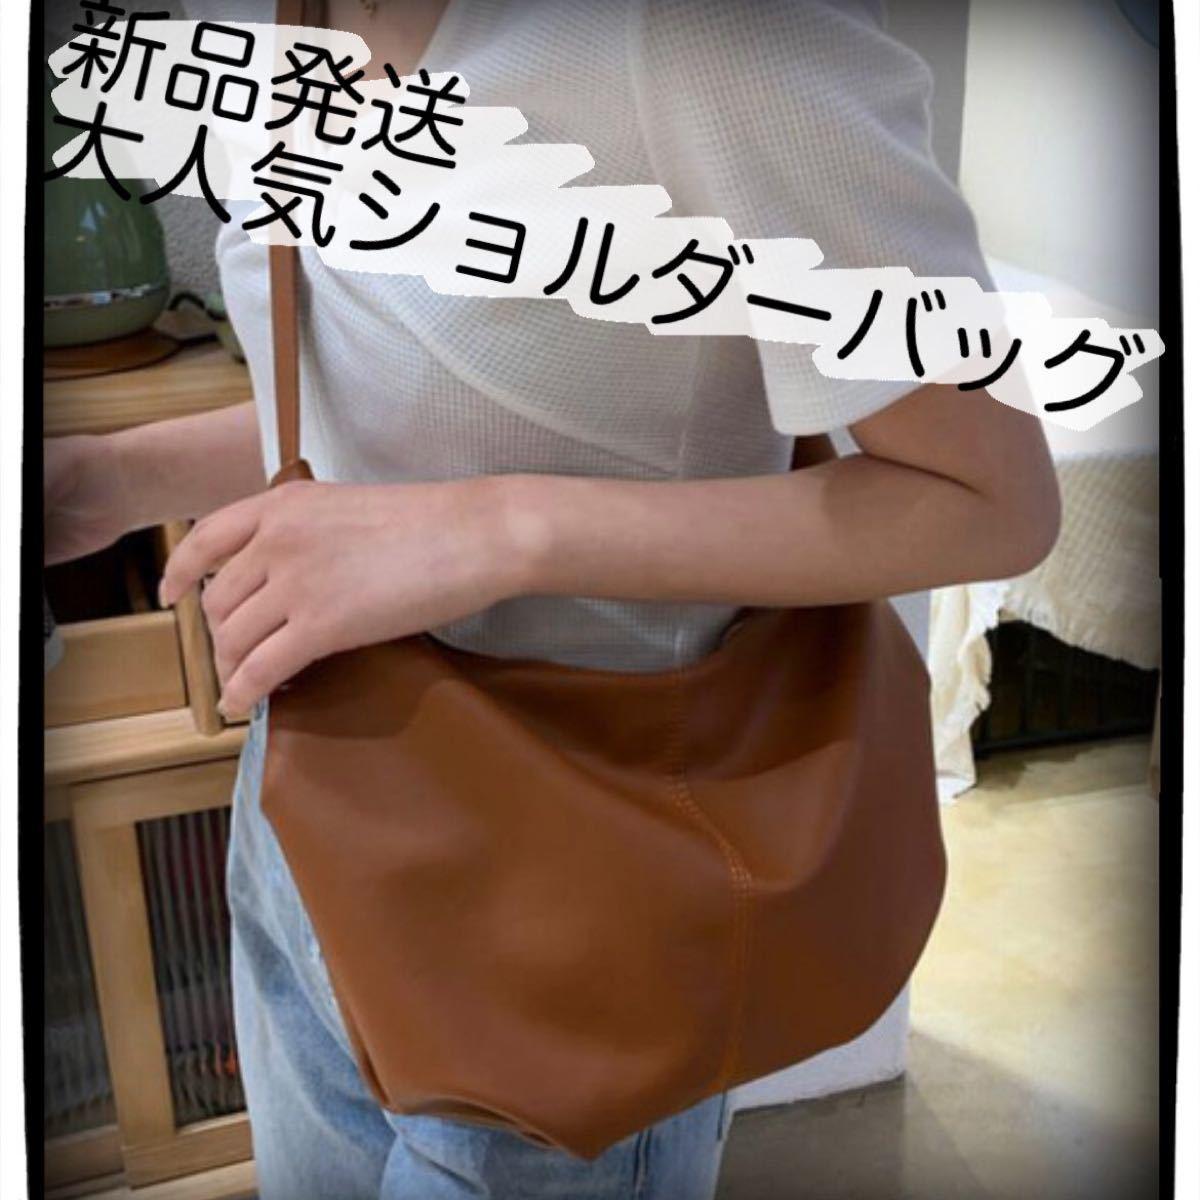 ショルダーバッグ トートバッグ レディース 高品質 茶 鞄 小物入れ おしゃれ 大容量 かばん